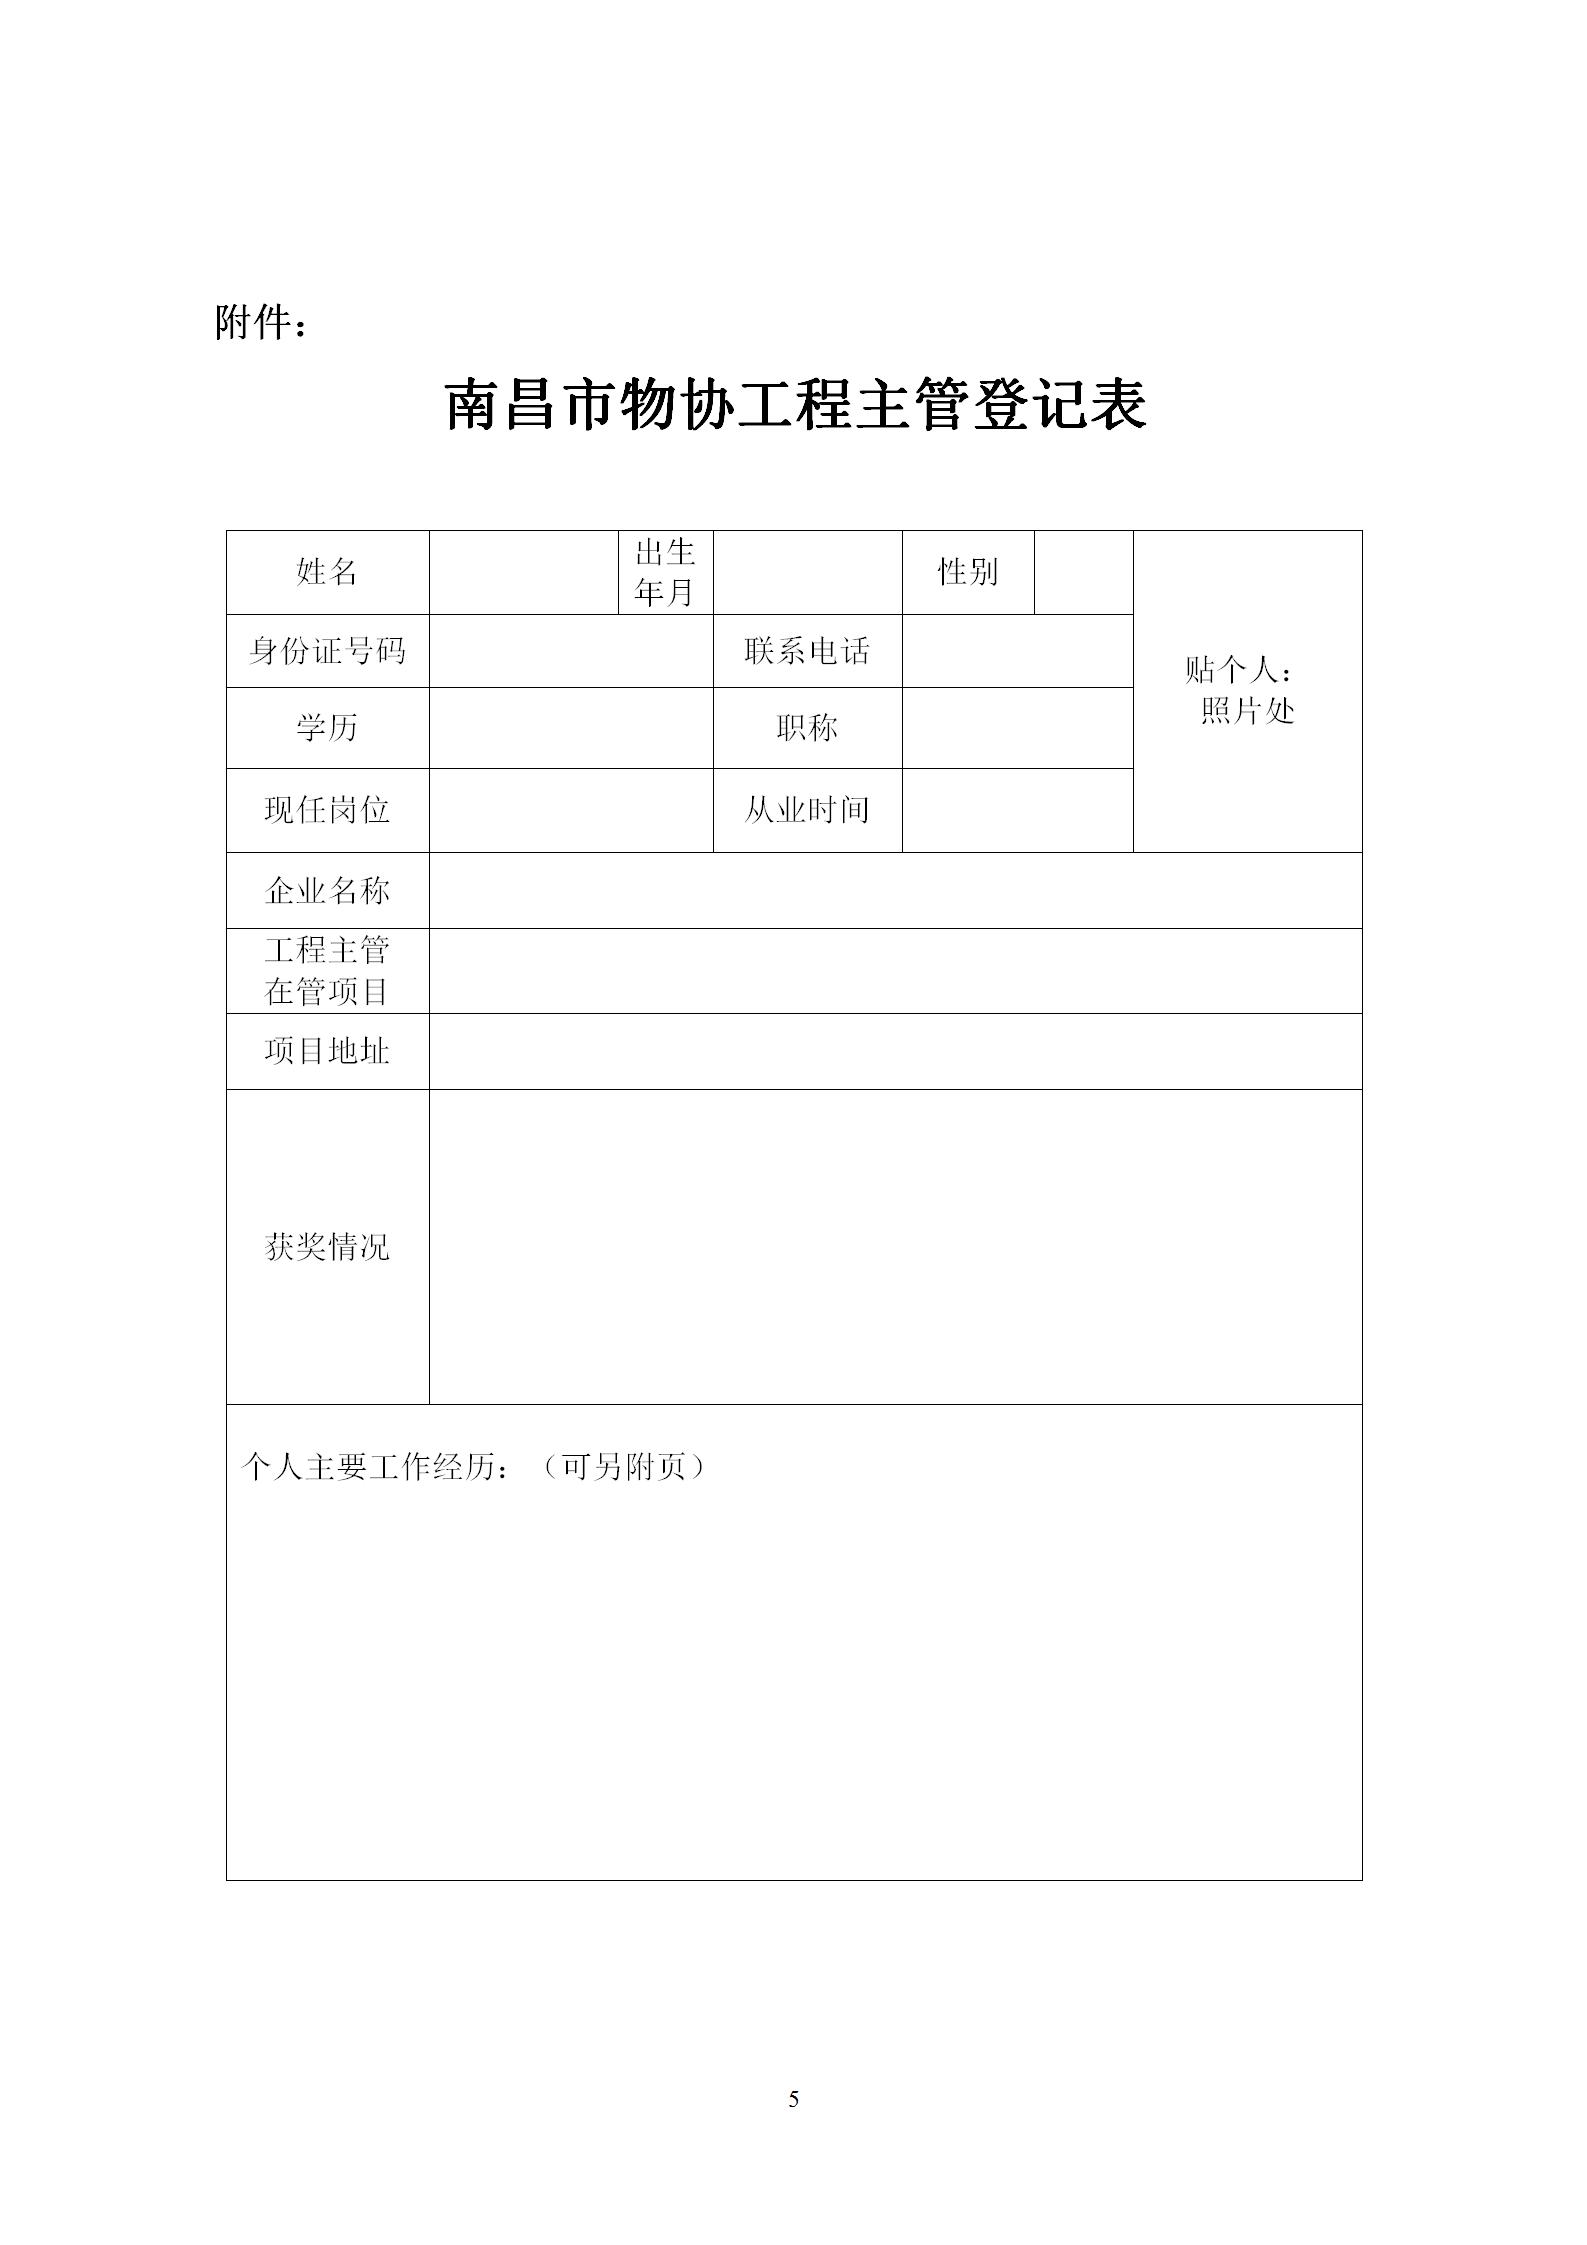 洪物协字[2020]11号 关于举办南昌市物业服务工程主管学习班的通知_05.png